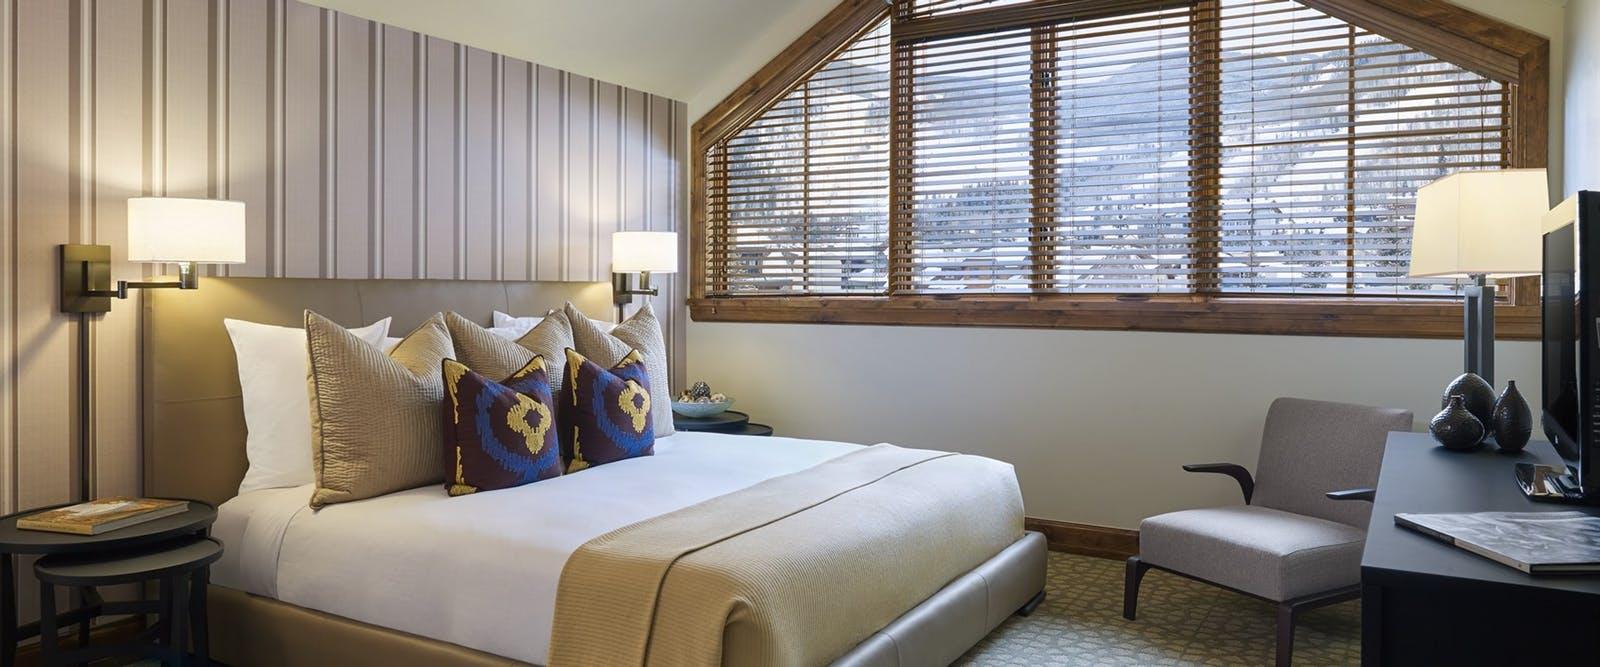 Room at The Sebastian Vail.